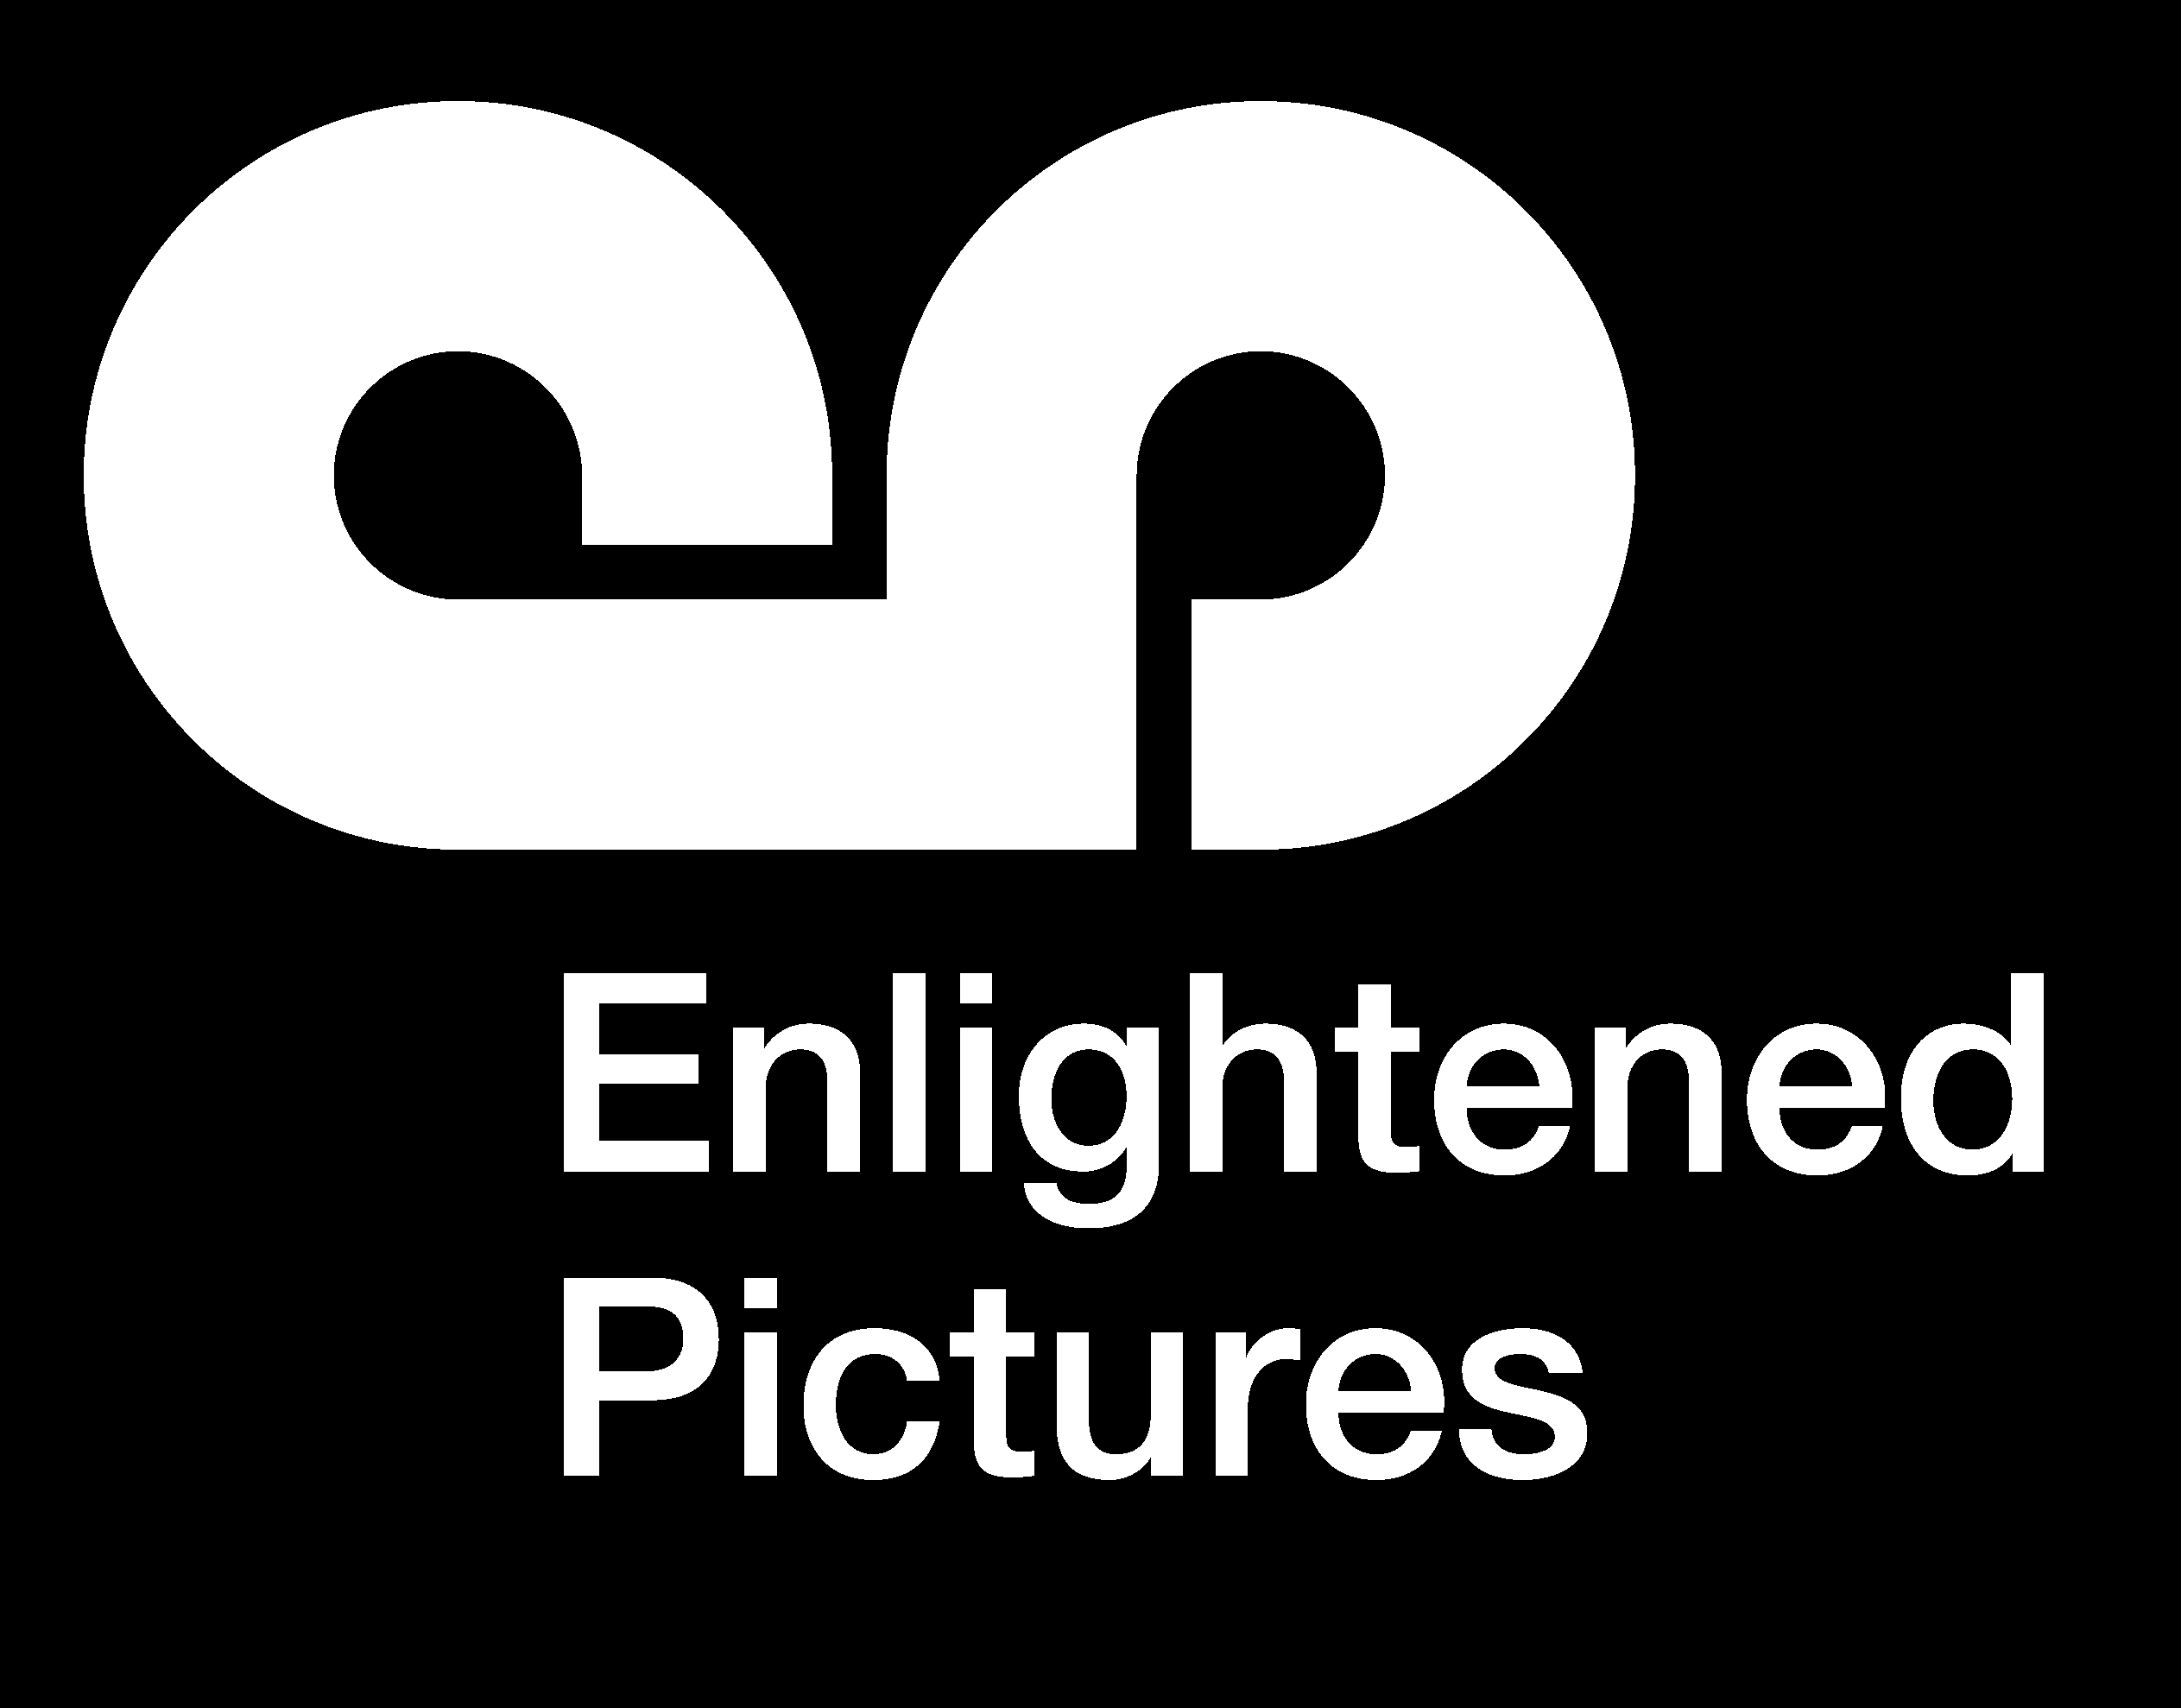 Enlightened Pictures